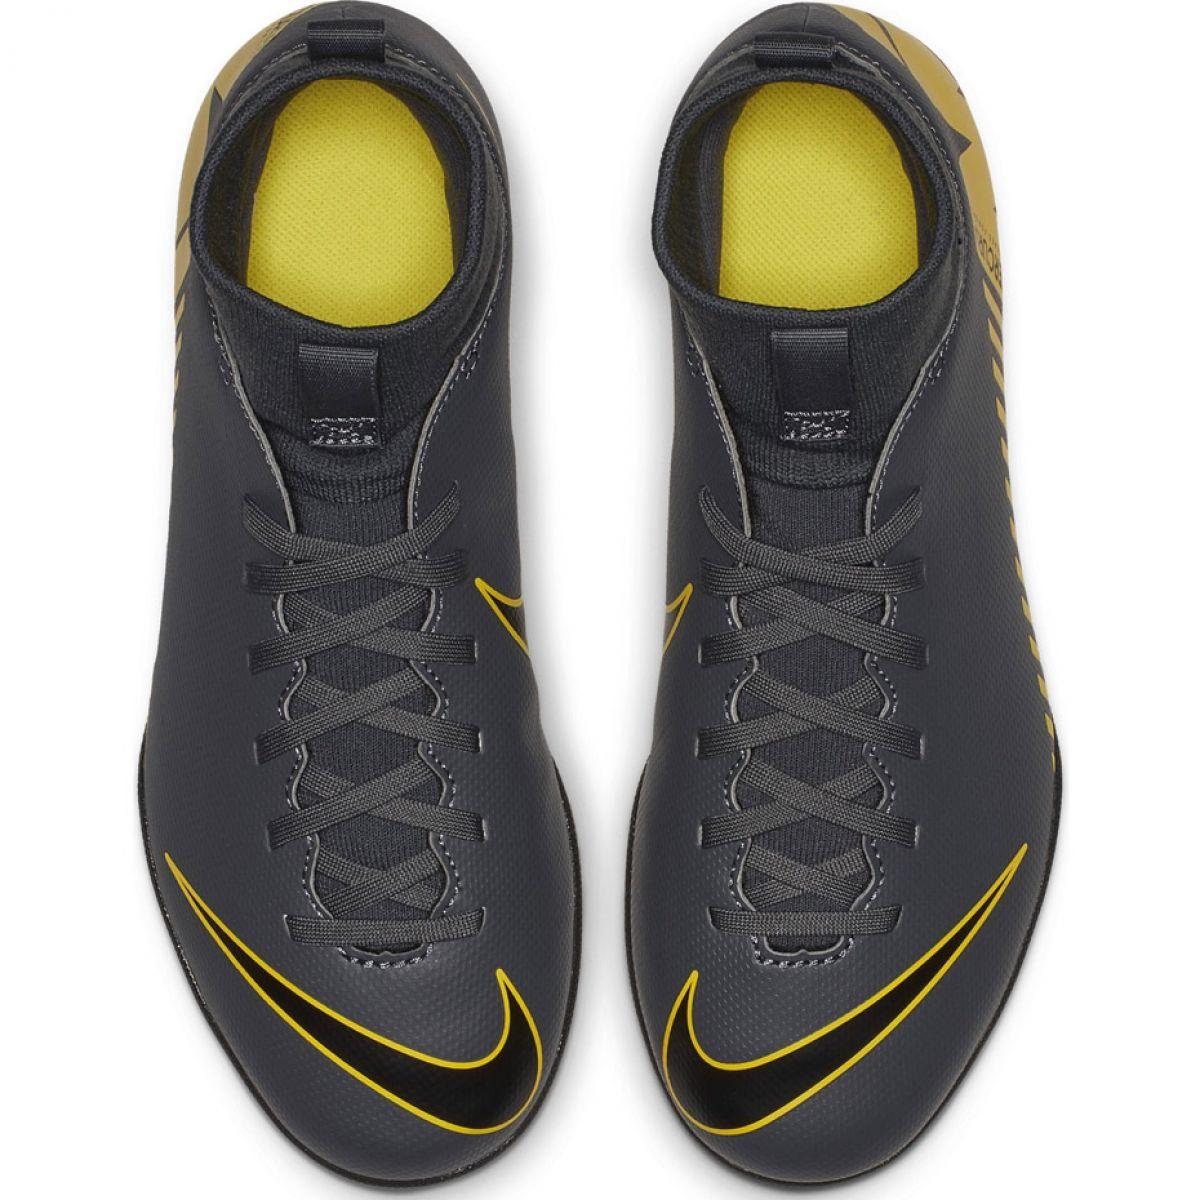 4f6091ce Indendørs sko Nike Mercurial Superfly X 6 Club Ic Jr AH7346-070 billede 2